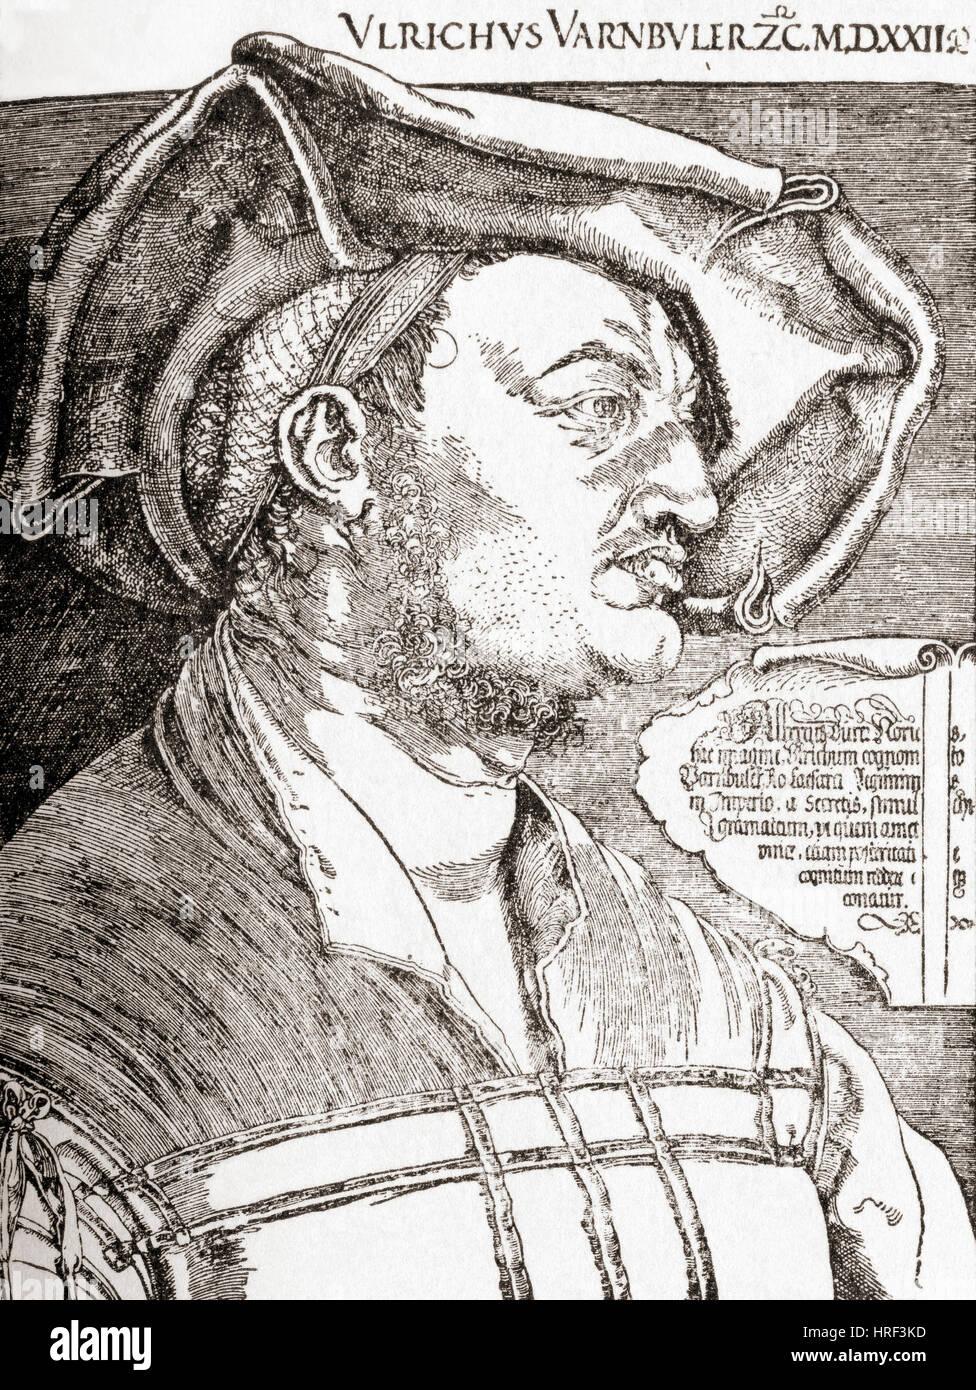 Porträt des Ulrich Varnbüler im Jahre 1522, Bürgermeister von St. Gallen, Schweiz. Nach Albrecht Stockbild